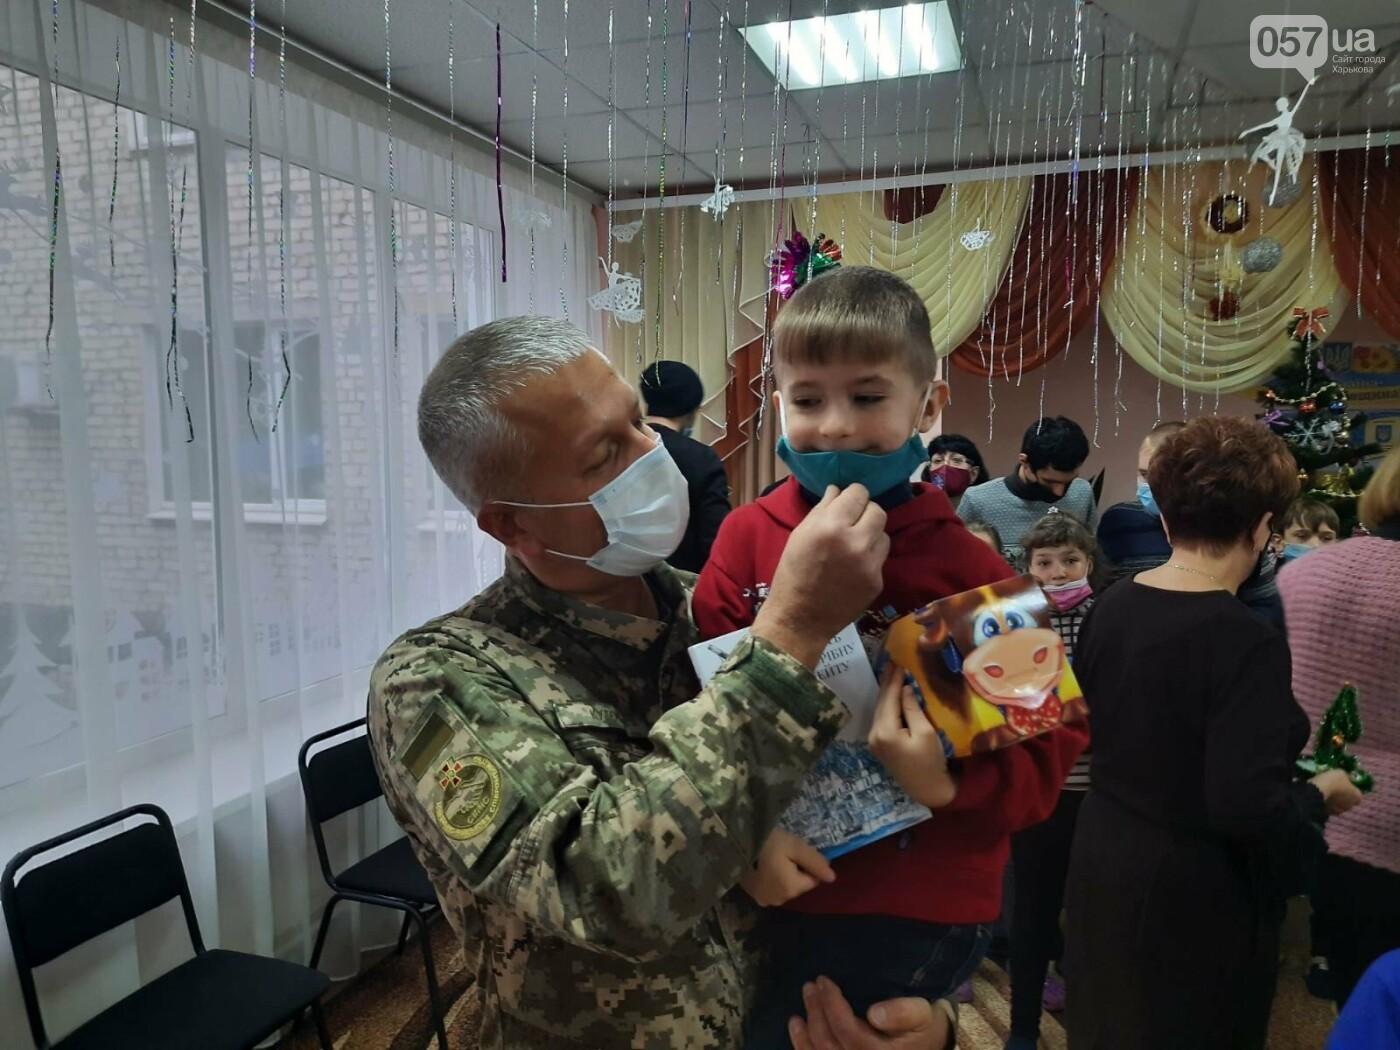 Праздничное чудо: «АТБ» помогает тысячам украинских семей удивить ребенка в день Святого Николая, фото-5